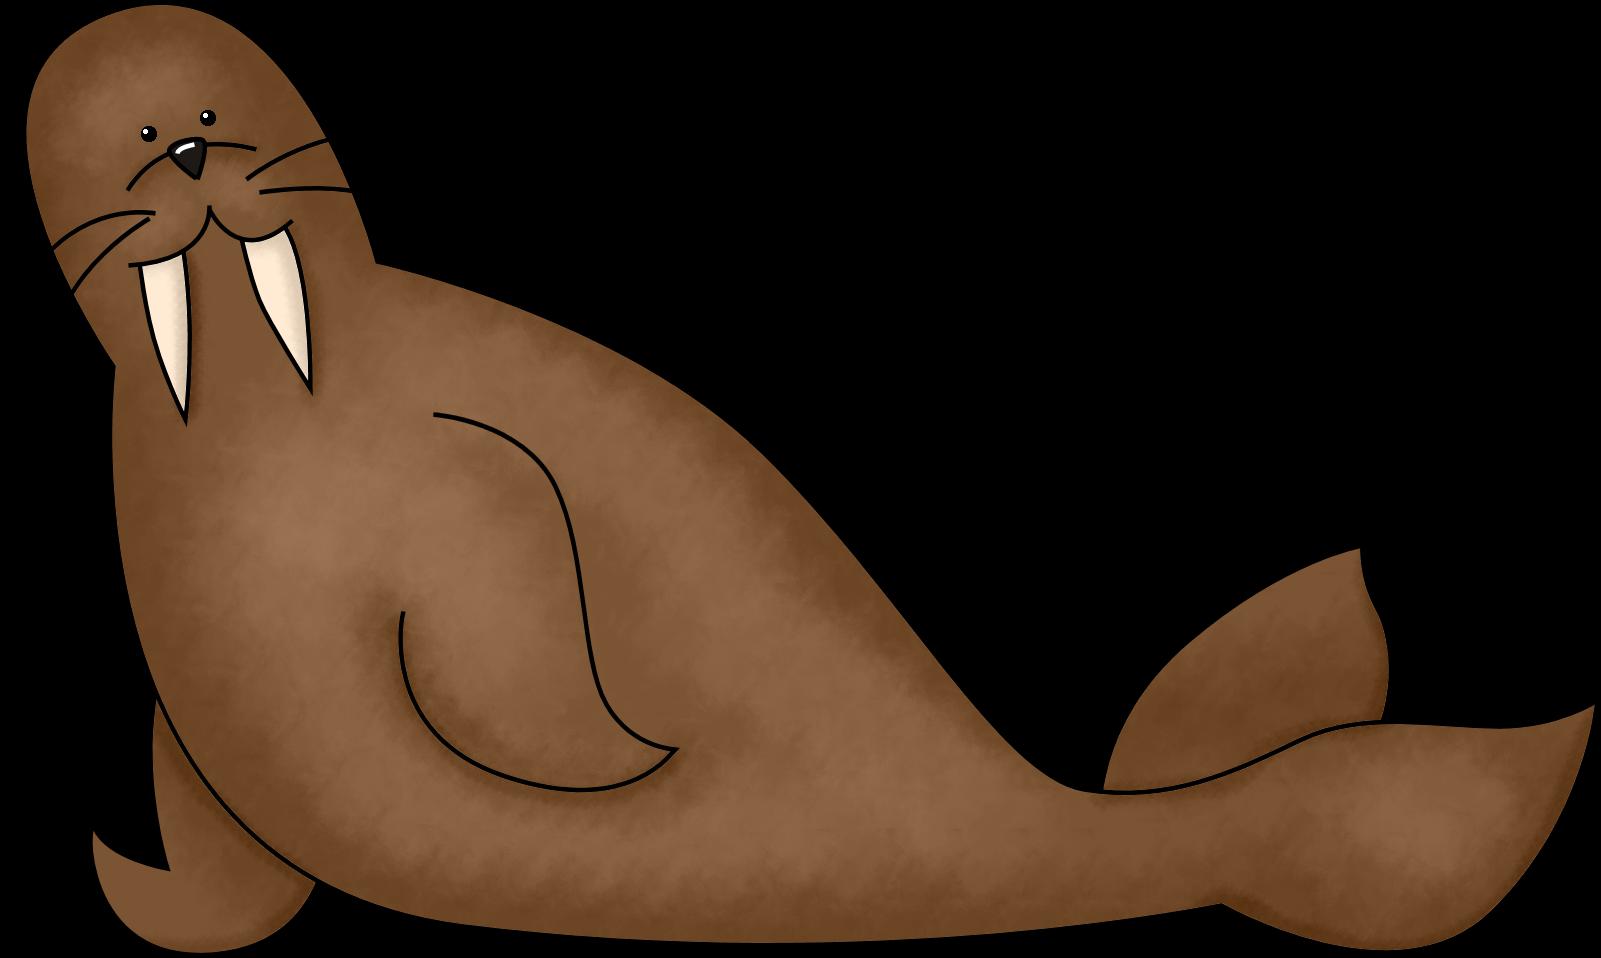 Walrus Clipart Walrus Clip Art #5eZLfB.